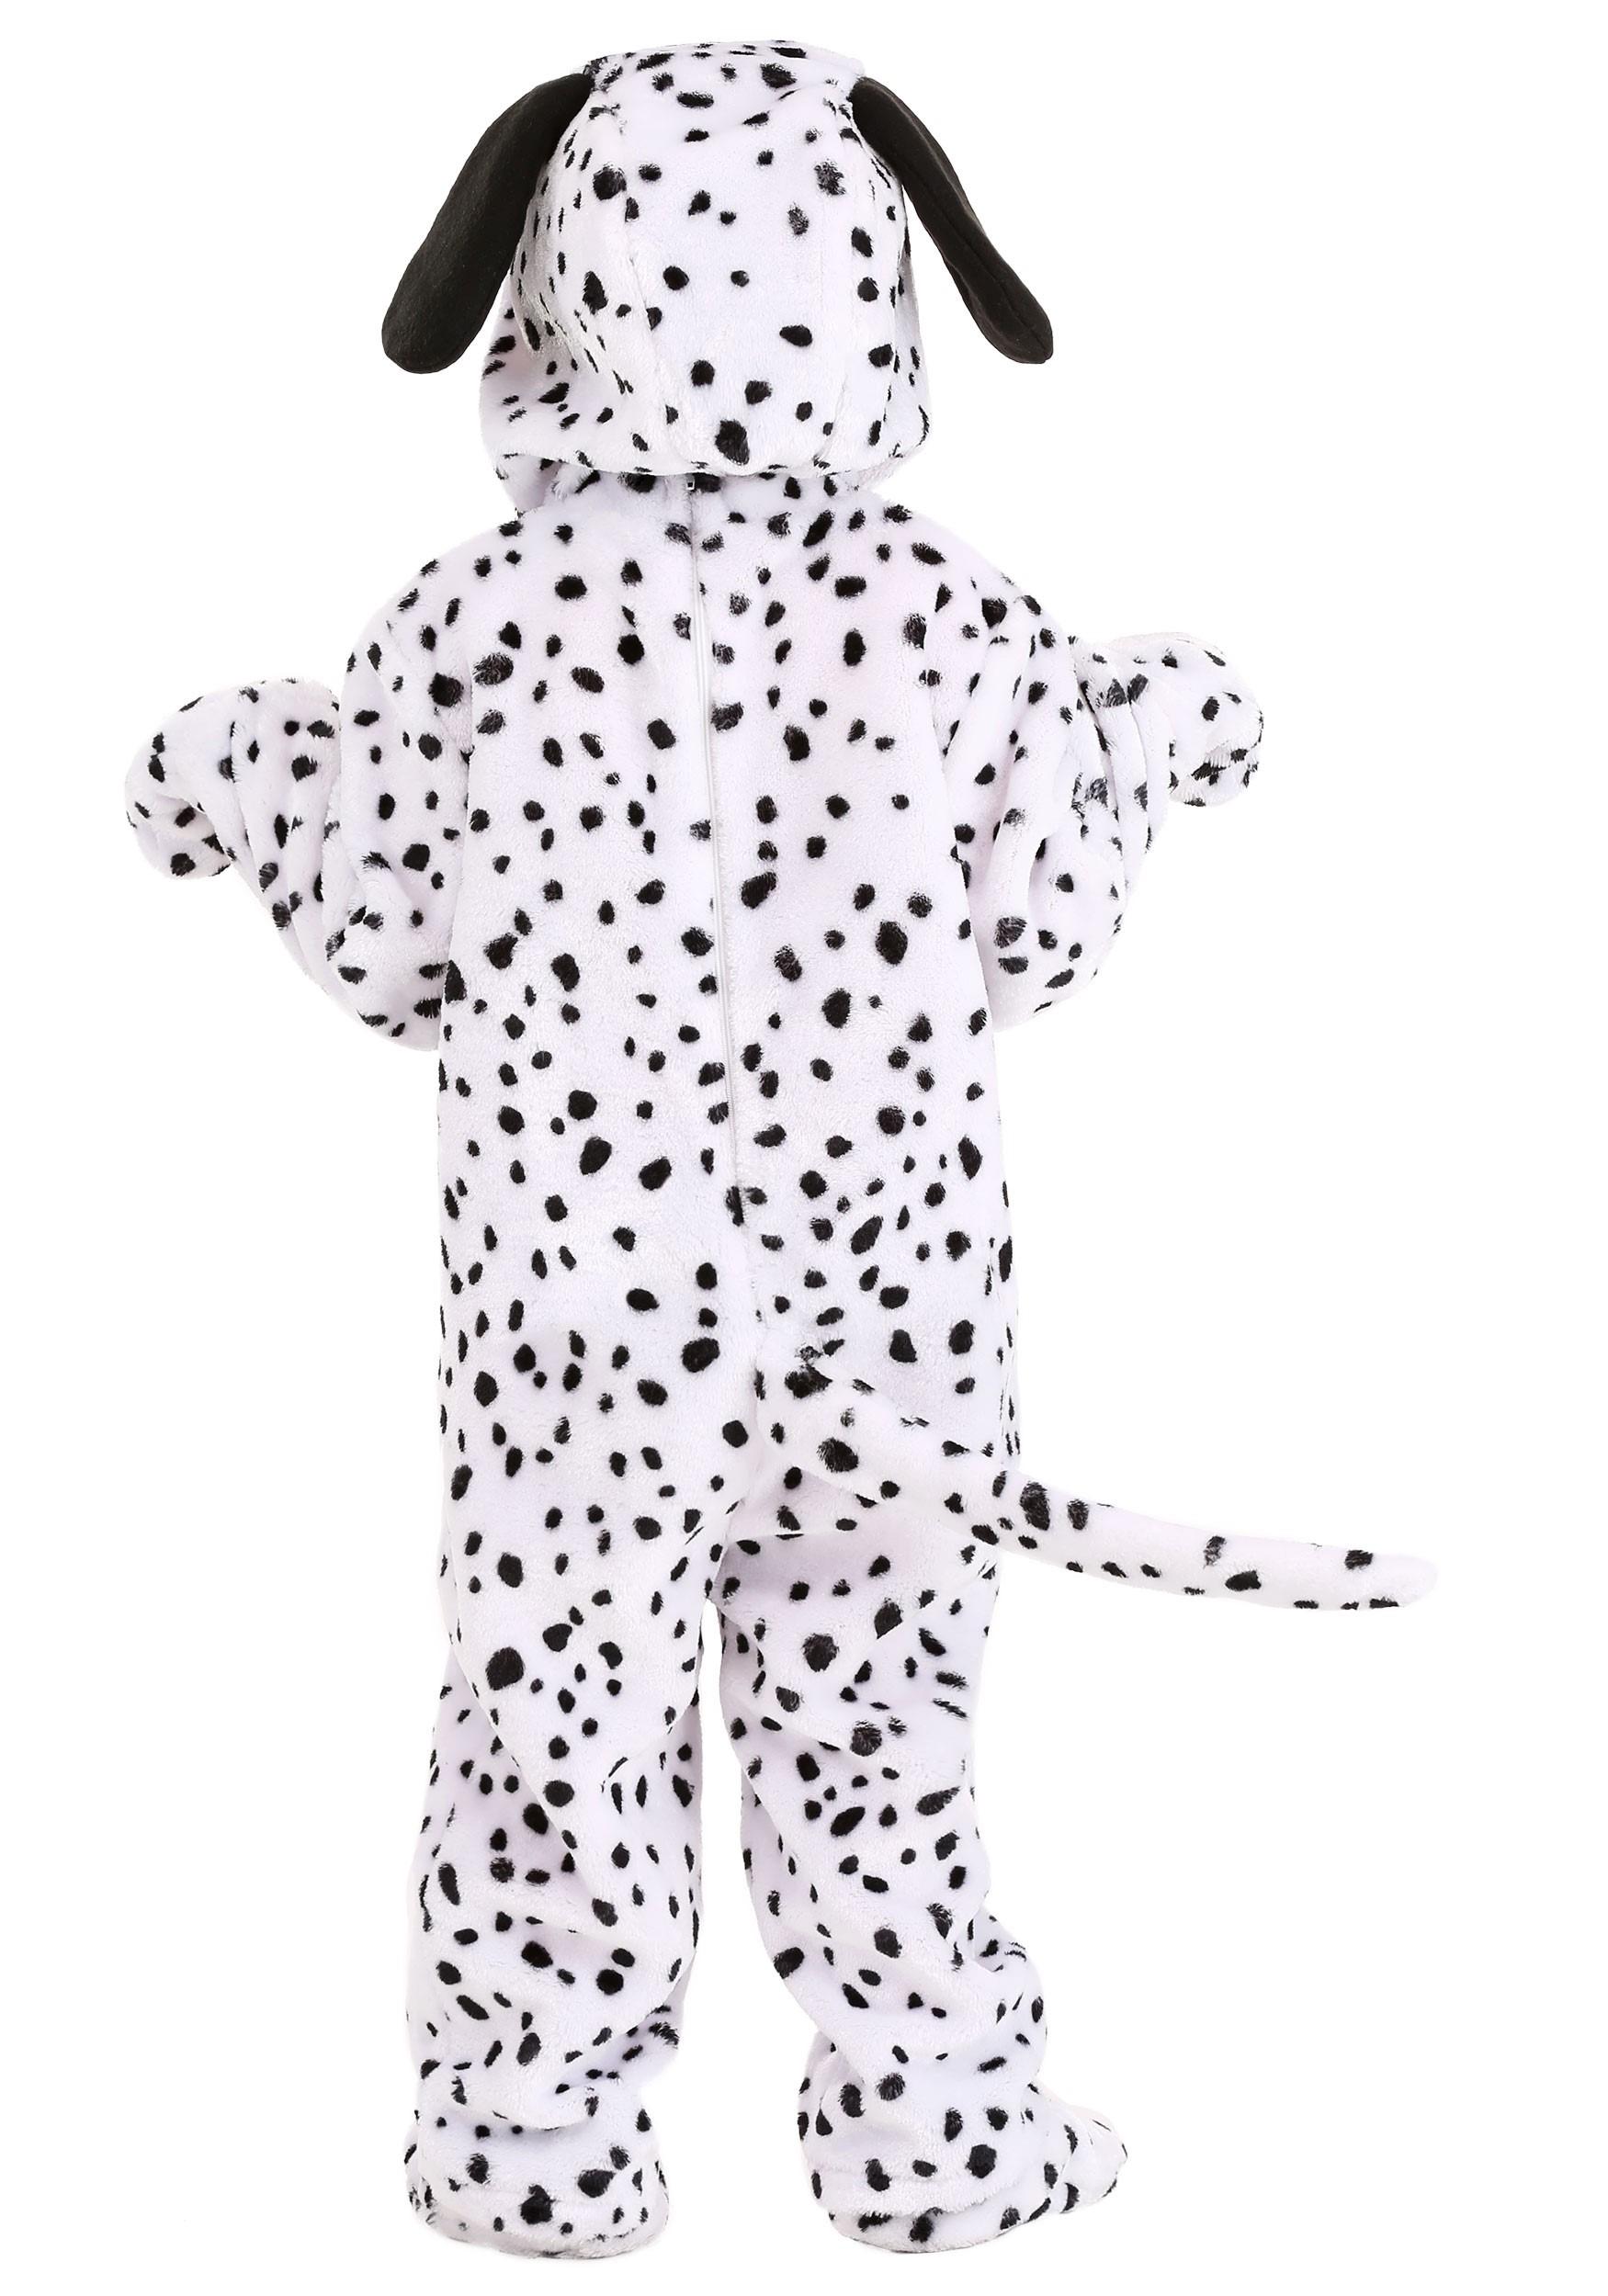 Toddler Dalmatian Costume